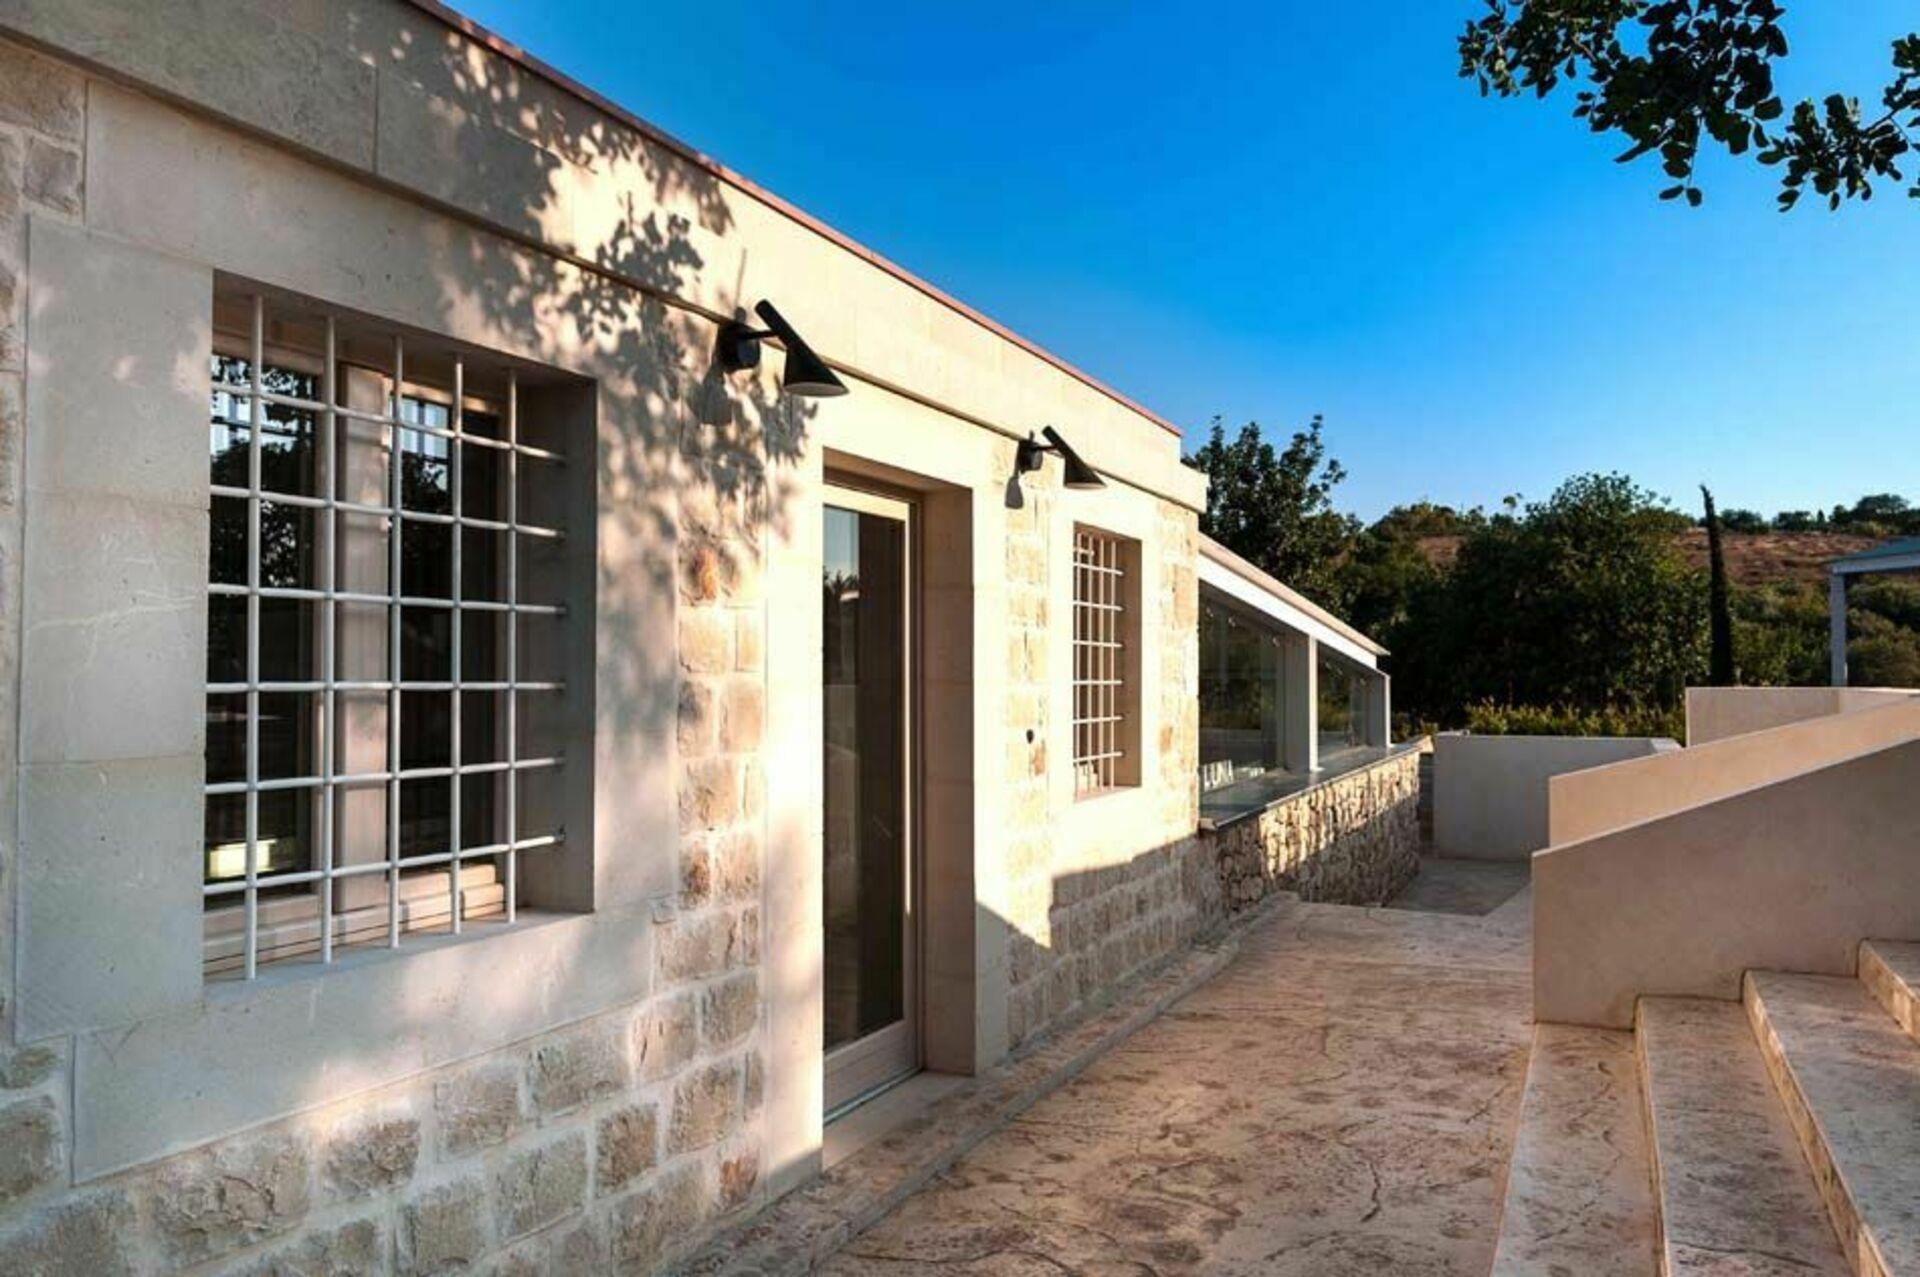 Villa luna villa di lusso in affitto per vacanze a scicli sicilia casa vacanze con piscina - Affitto casa vacanze sicilia con piscina ...